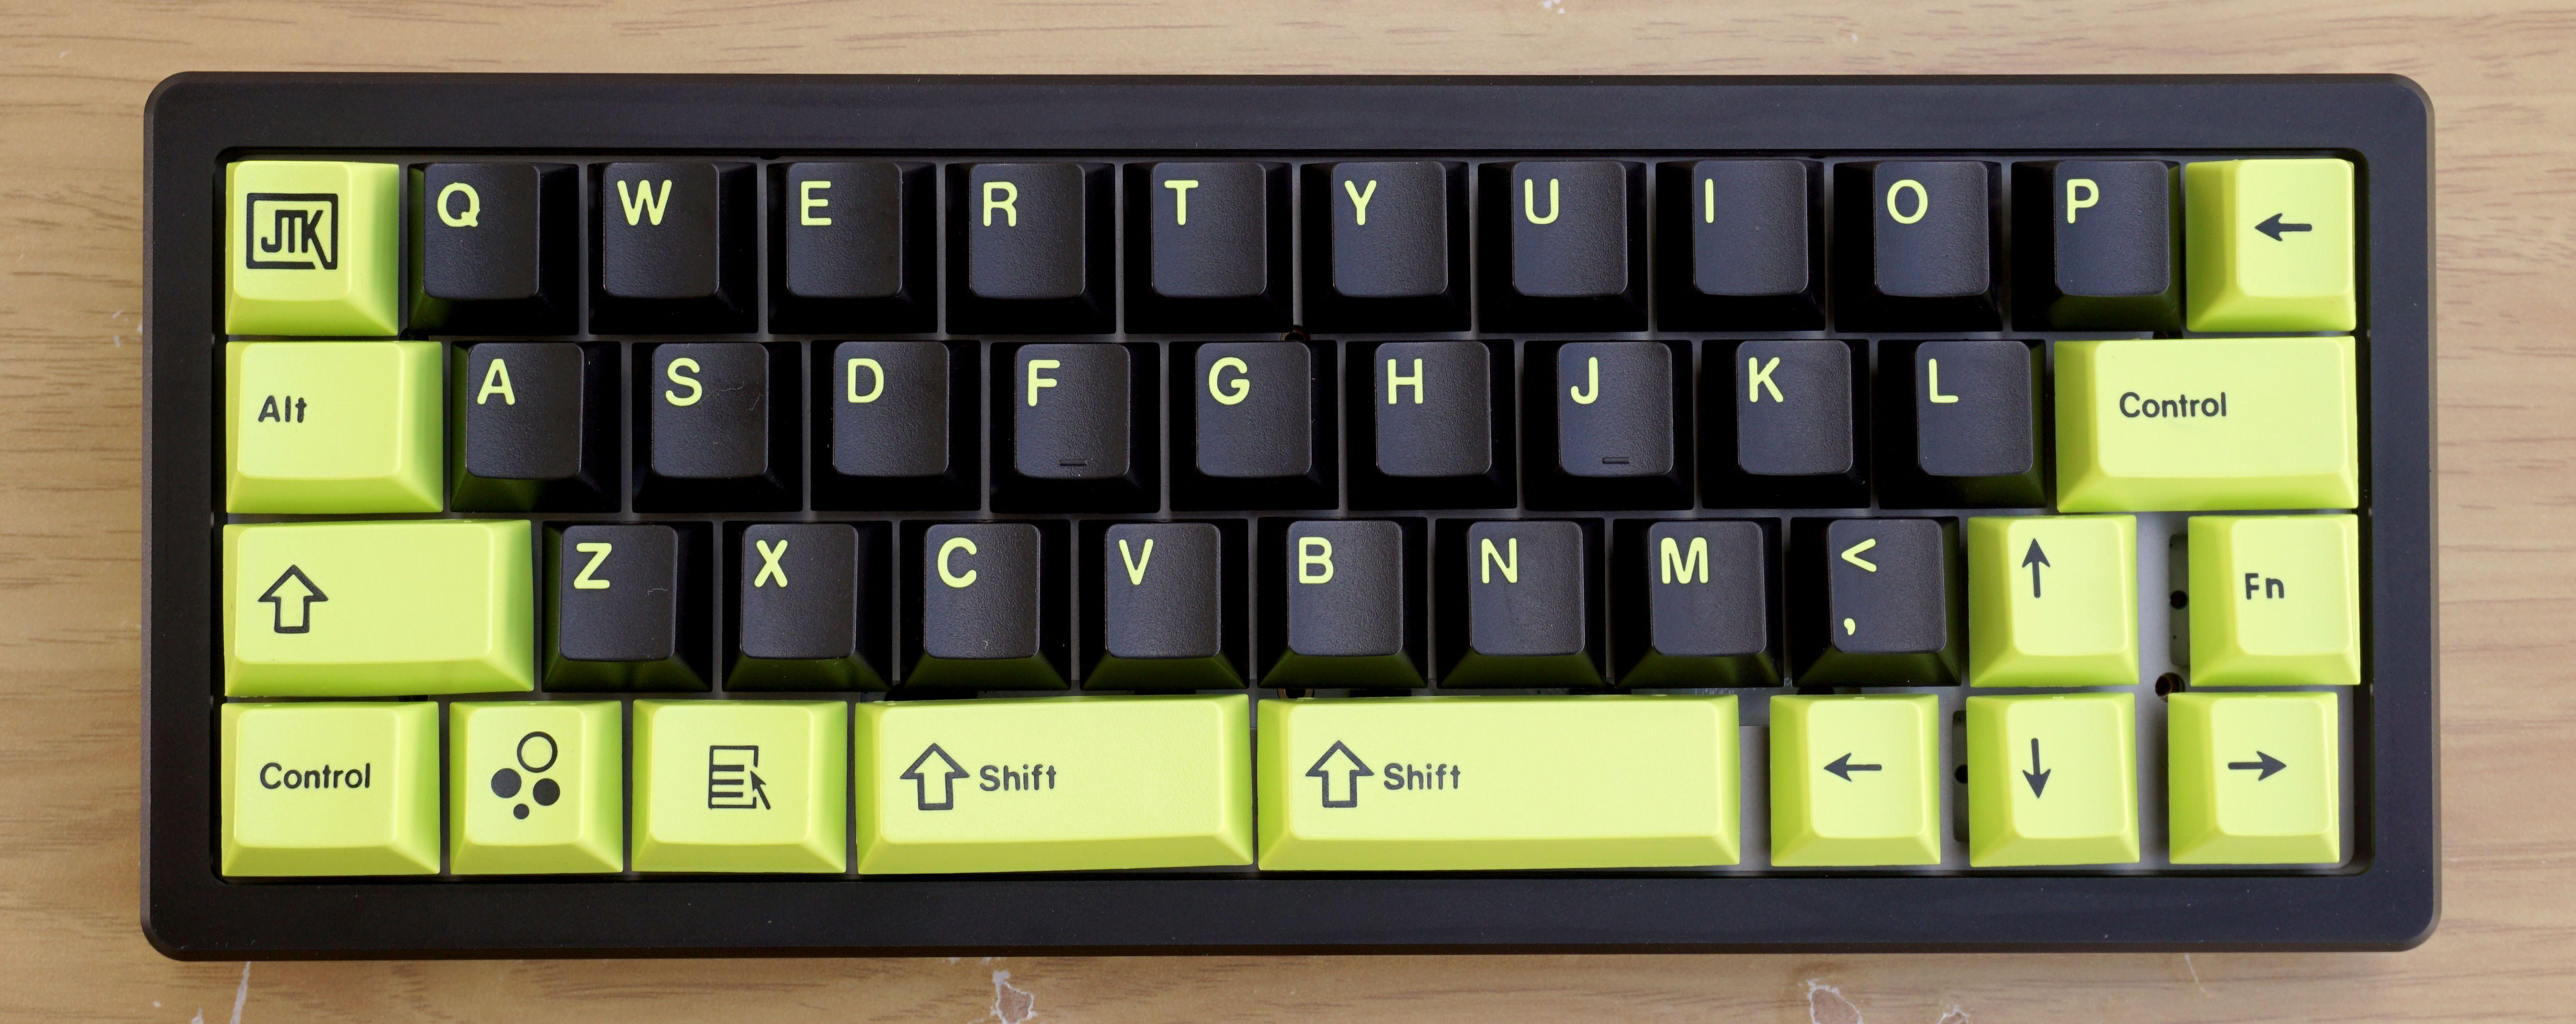 Toxic Daisy | key | Computer keyboard, Keyboard, Daisy